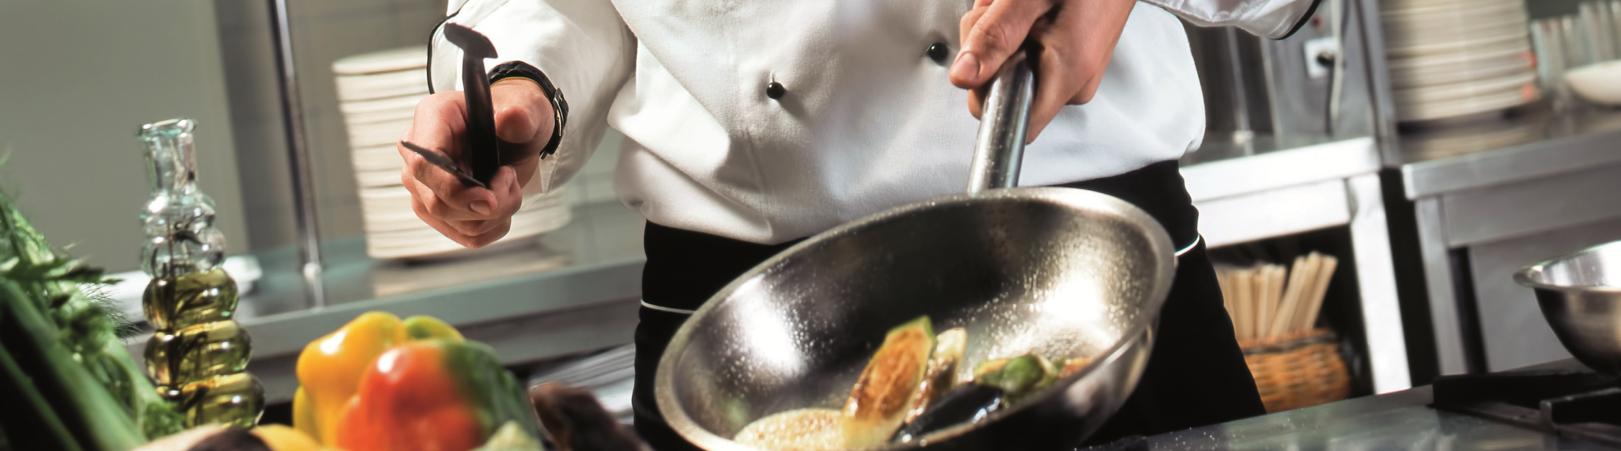 KITCAT Software fuer Kueche und Catering Warenwirtschaft Kalkulation von Speisen